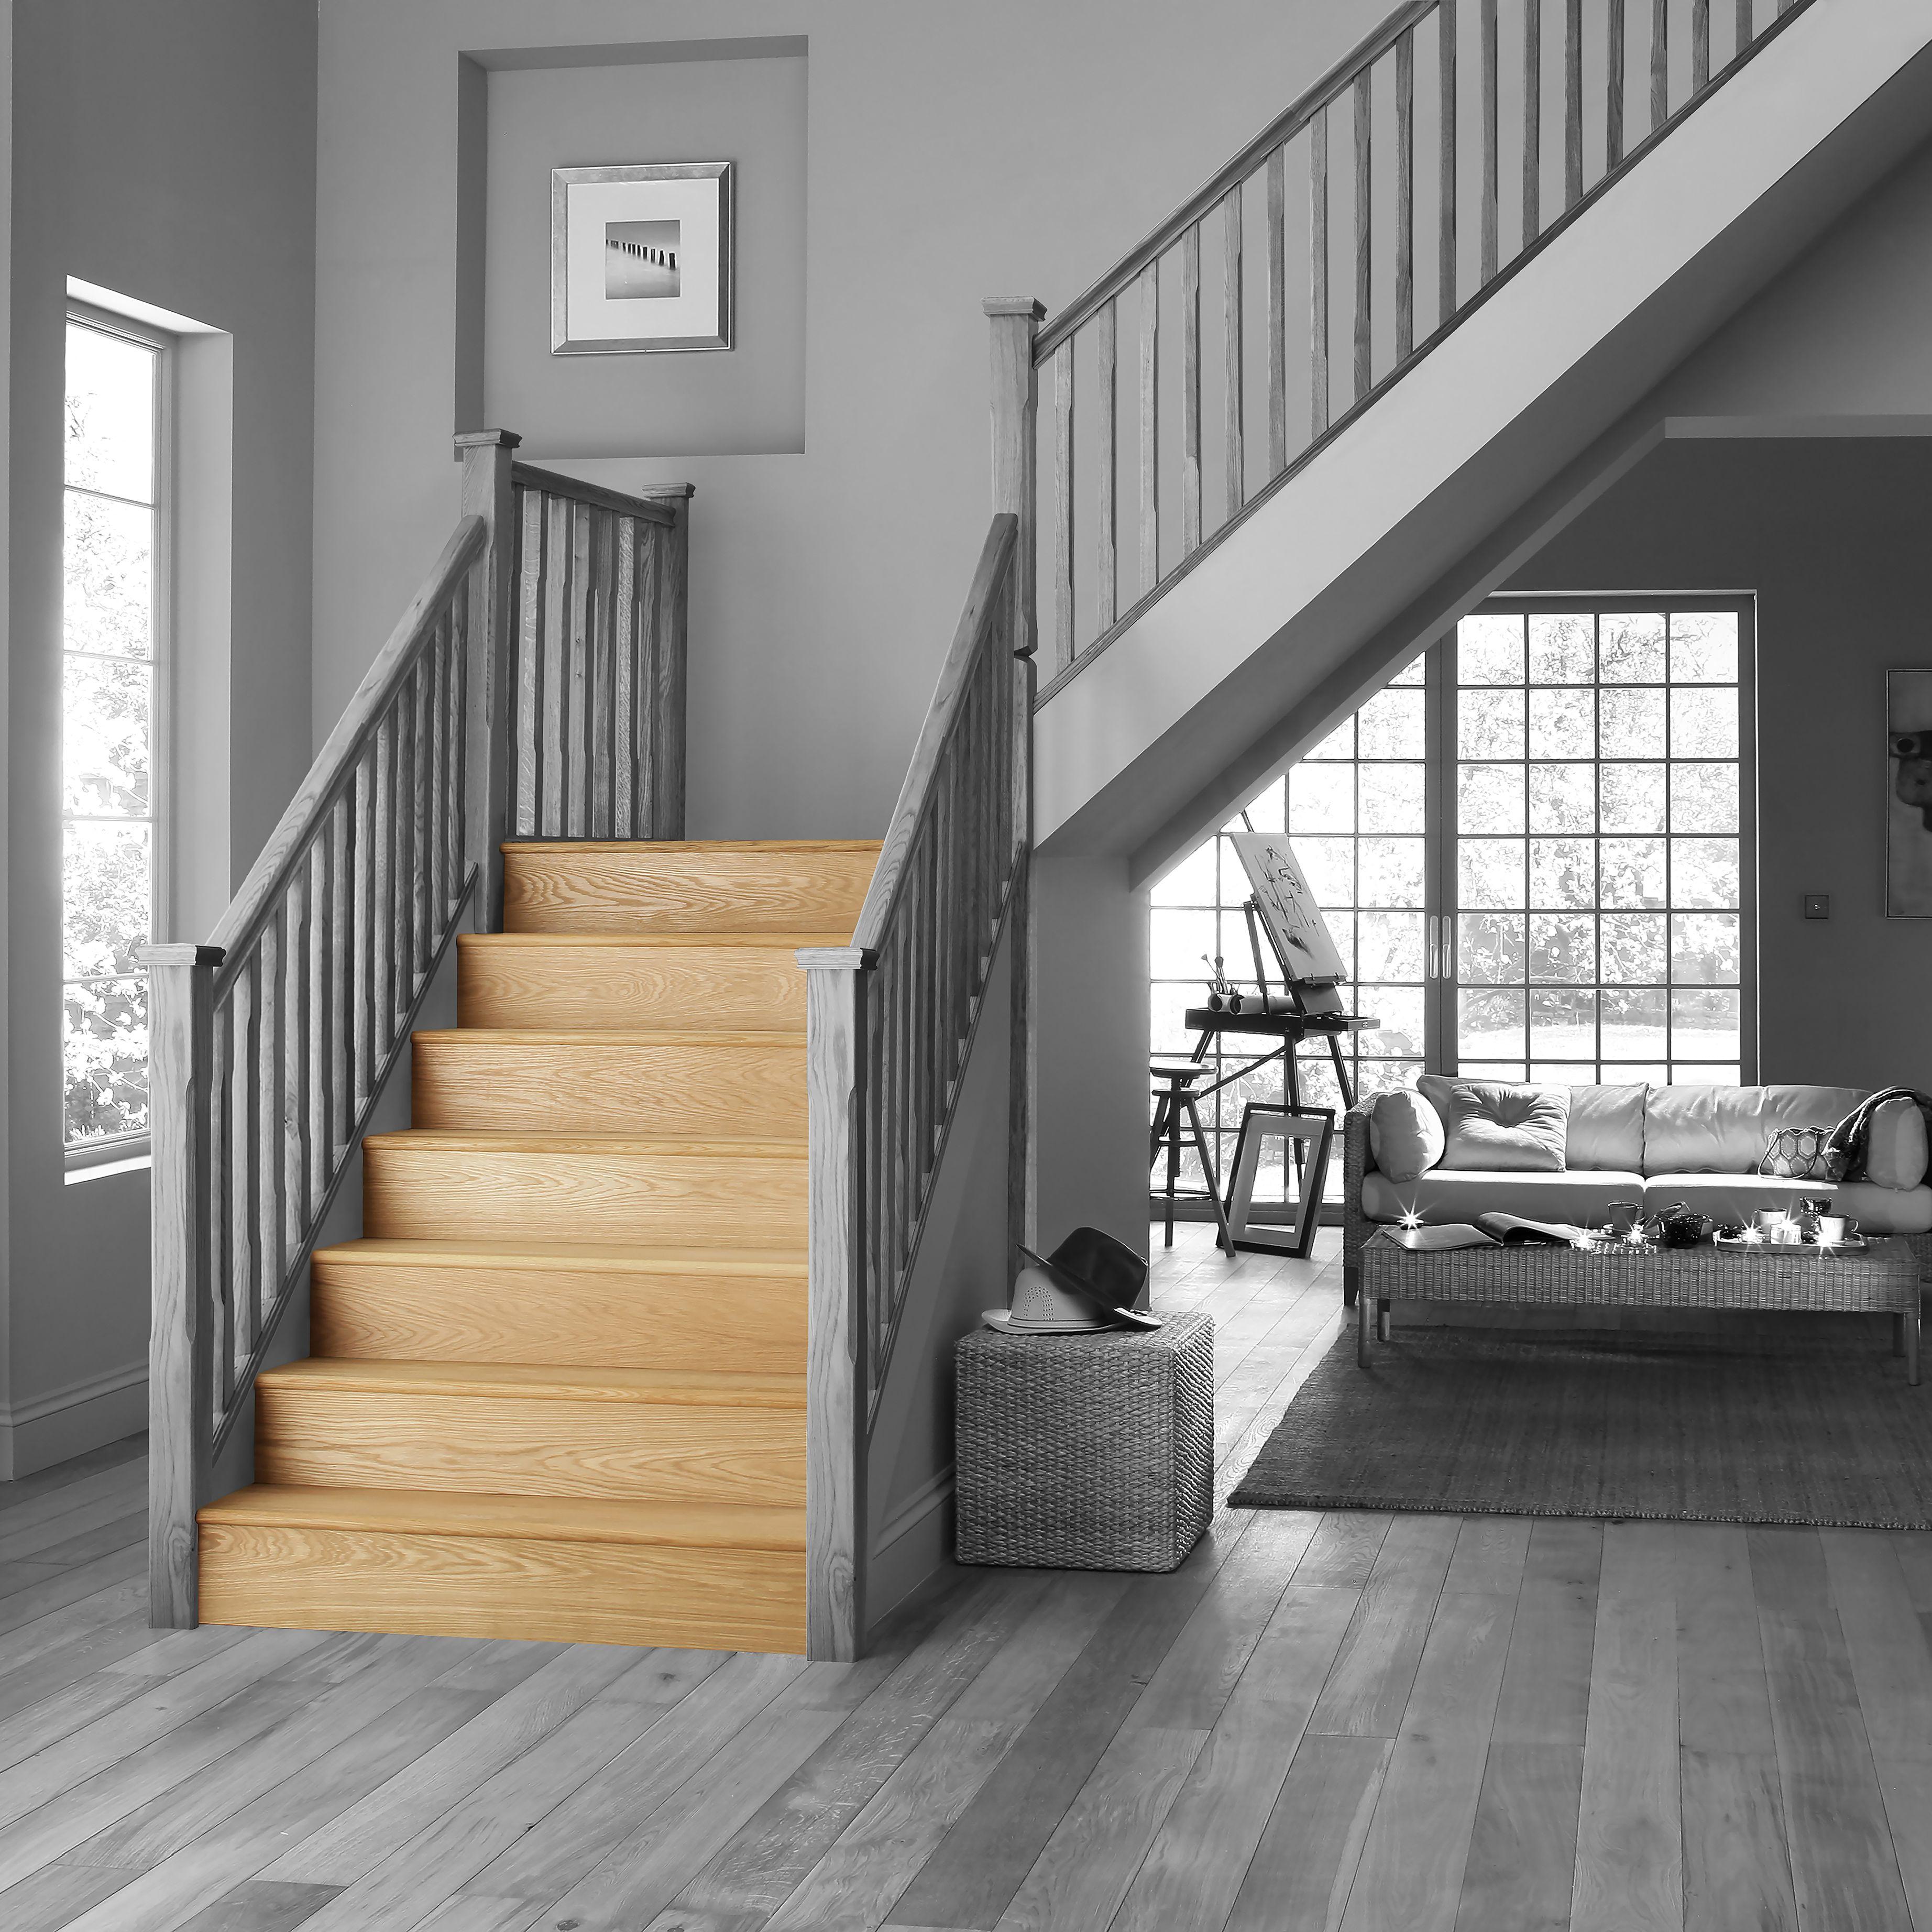 Stair Klad Oak Veneer Stair Flooring Tread Riser Kit | Departments | DIY At  Bu0026Q.